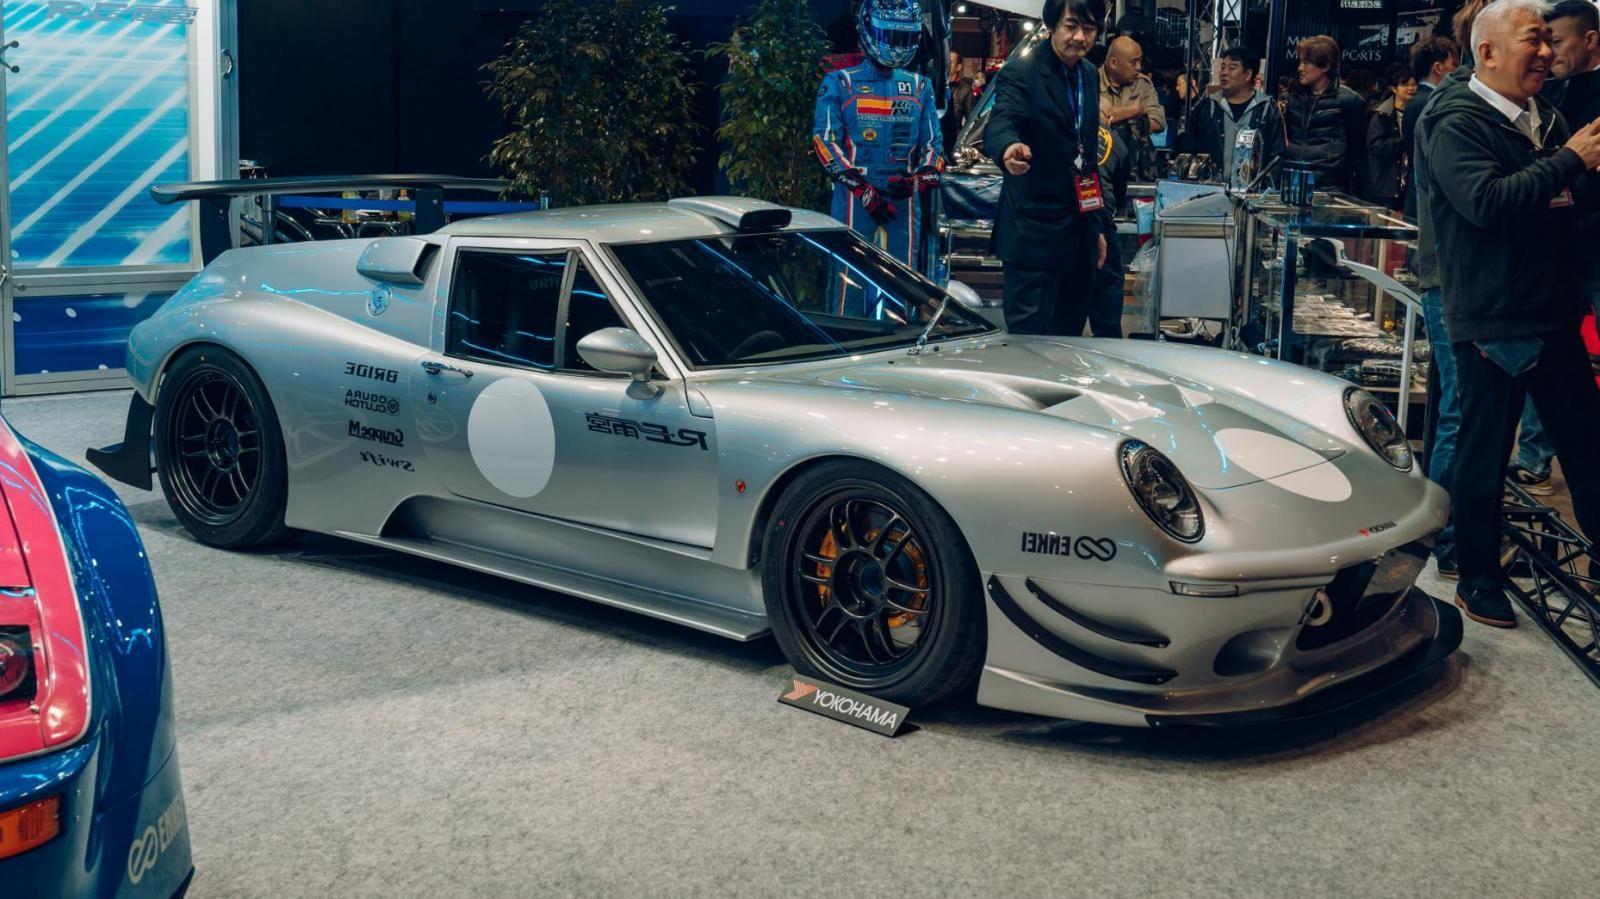 Rớt hàm trước những chiếc xế độ điên rồ nhất Tokyo Auto Salon 2020 - 26